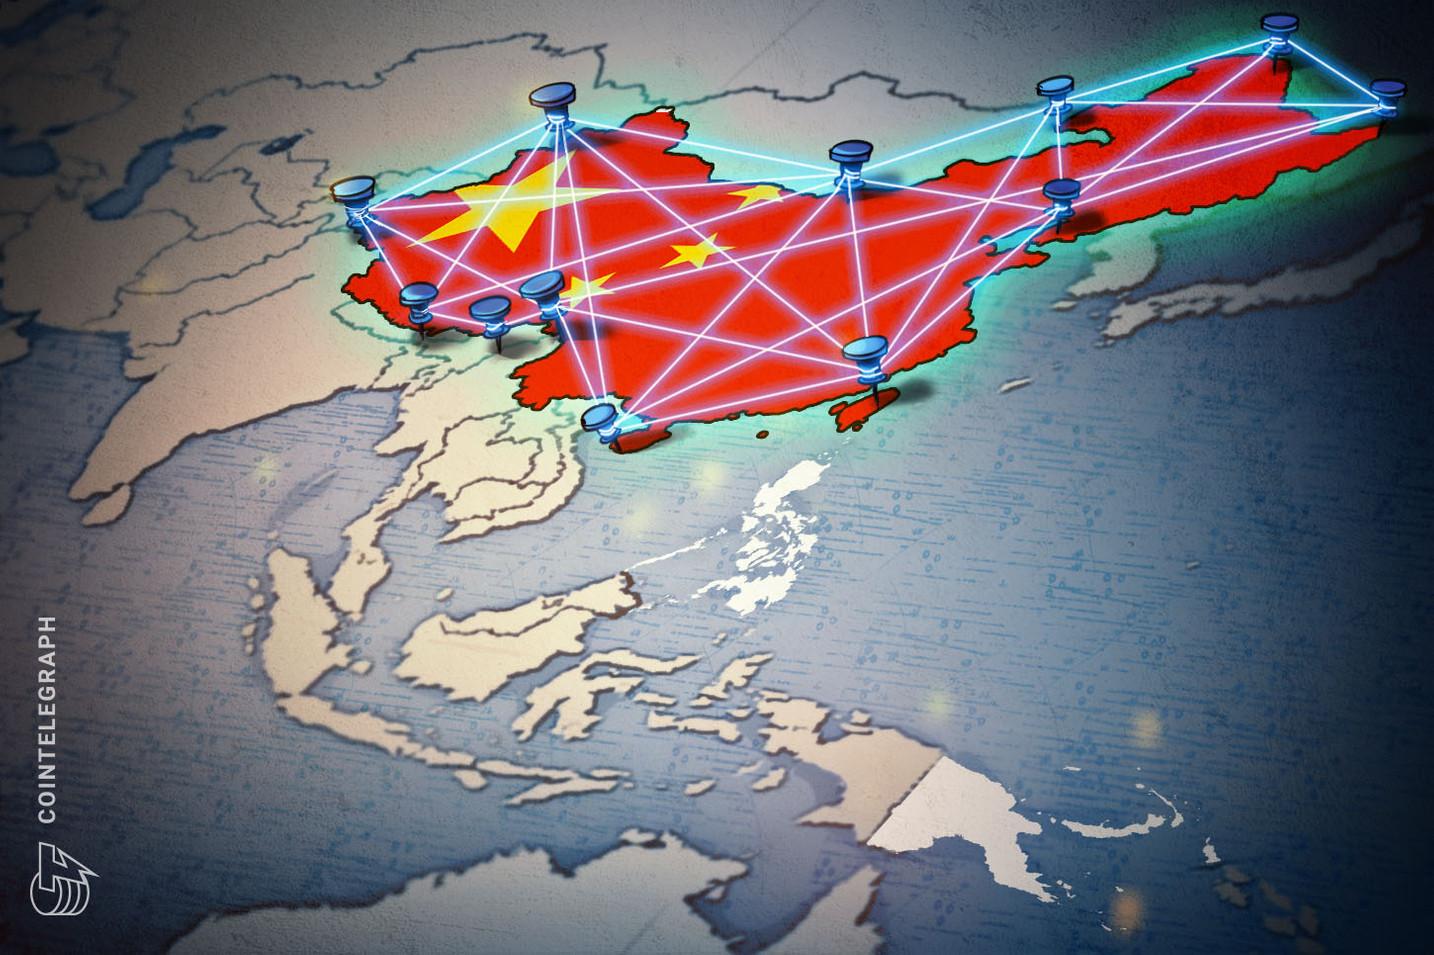 中国国家外貨管理局、ブロックチェーンのクロスボーダー金融試験プログラムを拡大【ニュース】